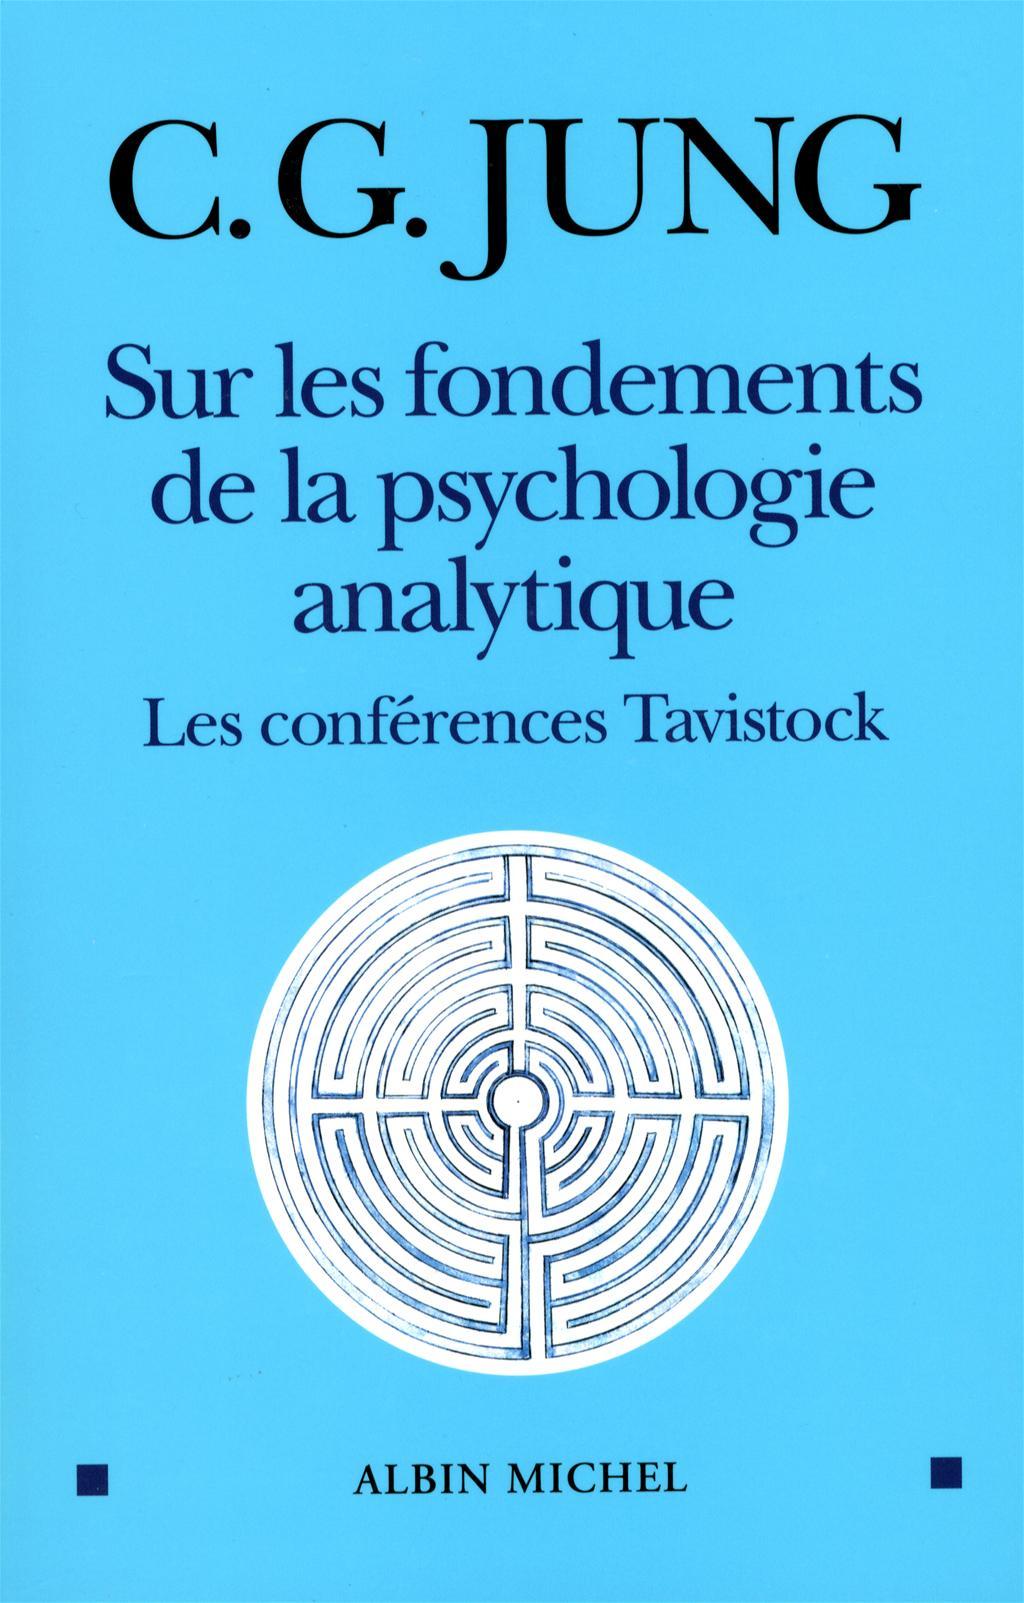 livre sur les fondements de la psychologie analytique les conf rences tavistock messageries adp. Black Bedroom Furniture Sets. Home Design Ideas